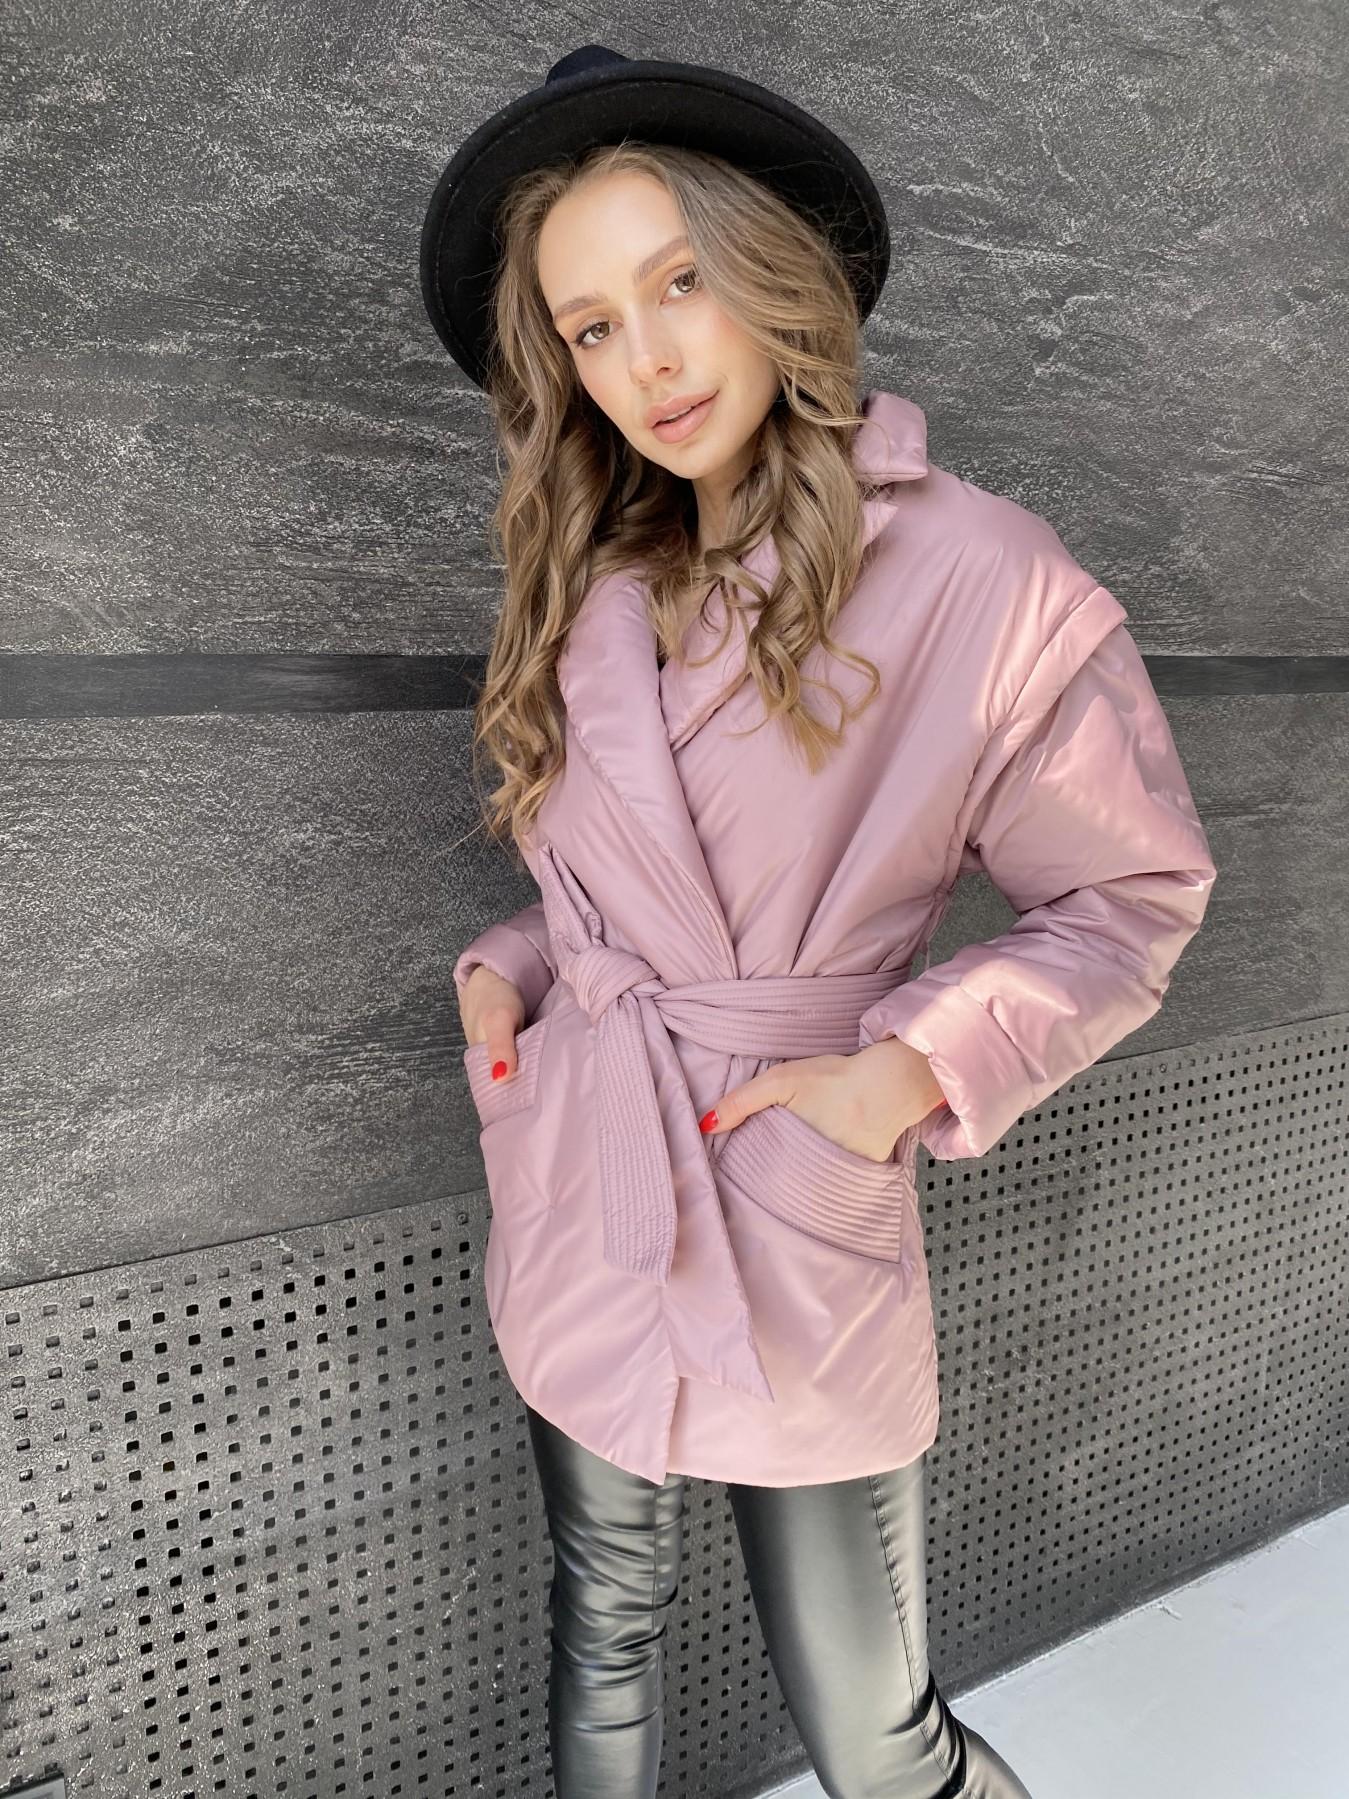 Форбс куртка из плащевой ткани 10986 АРТ. 47477 Цвет: Пудра - фото 3, интернет магазин tm-modus.ru